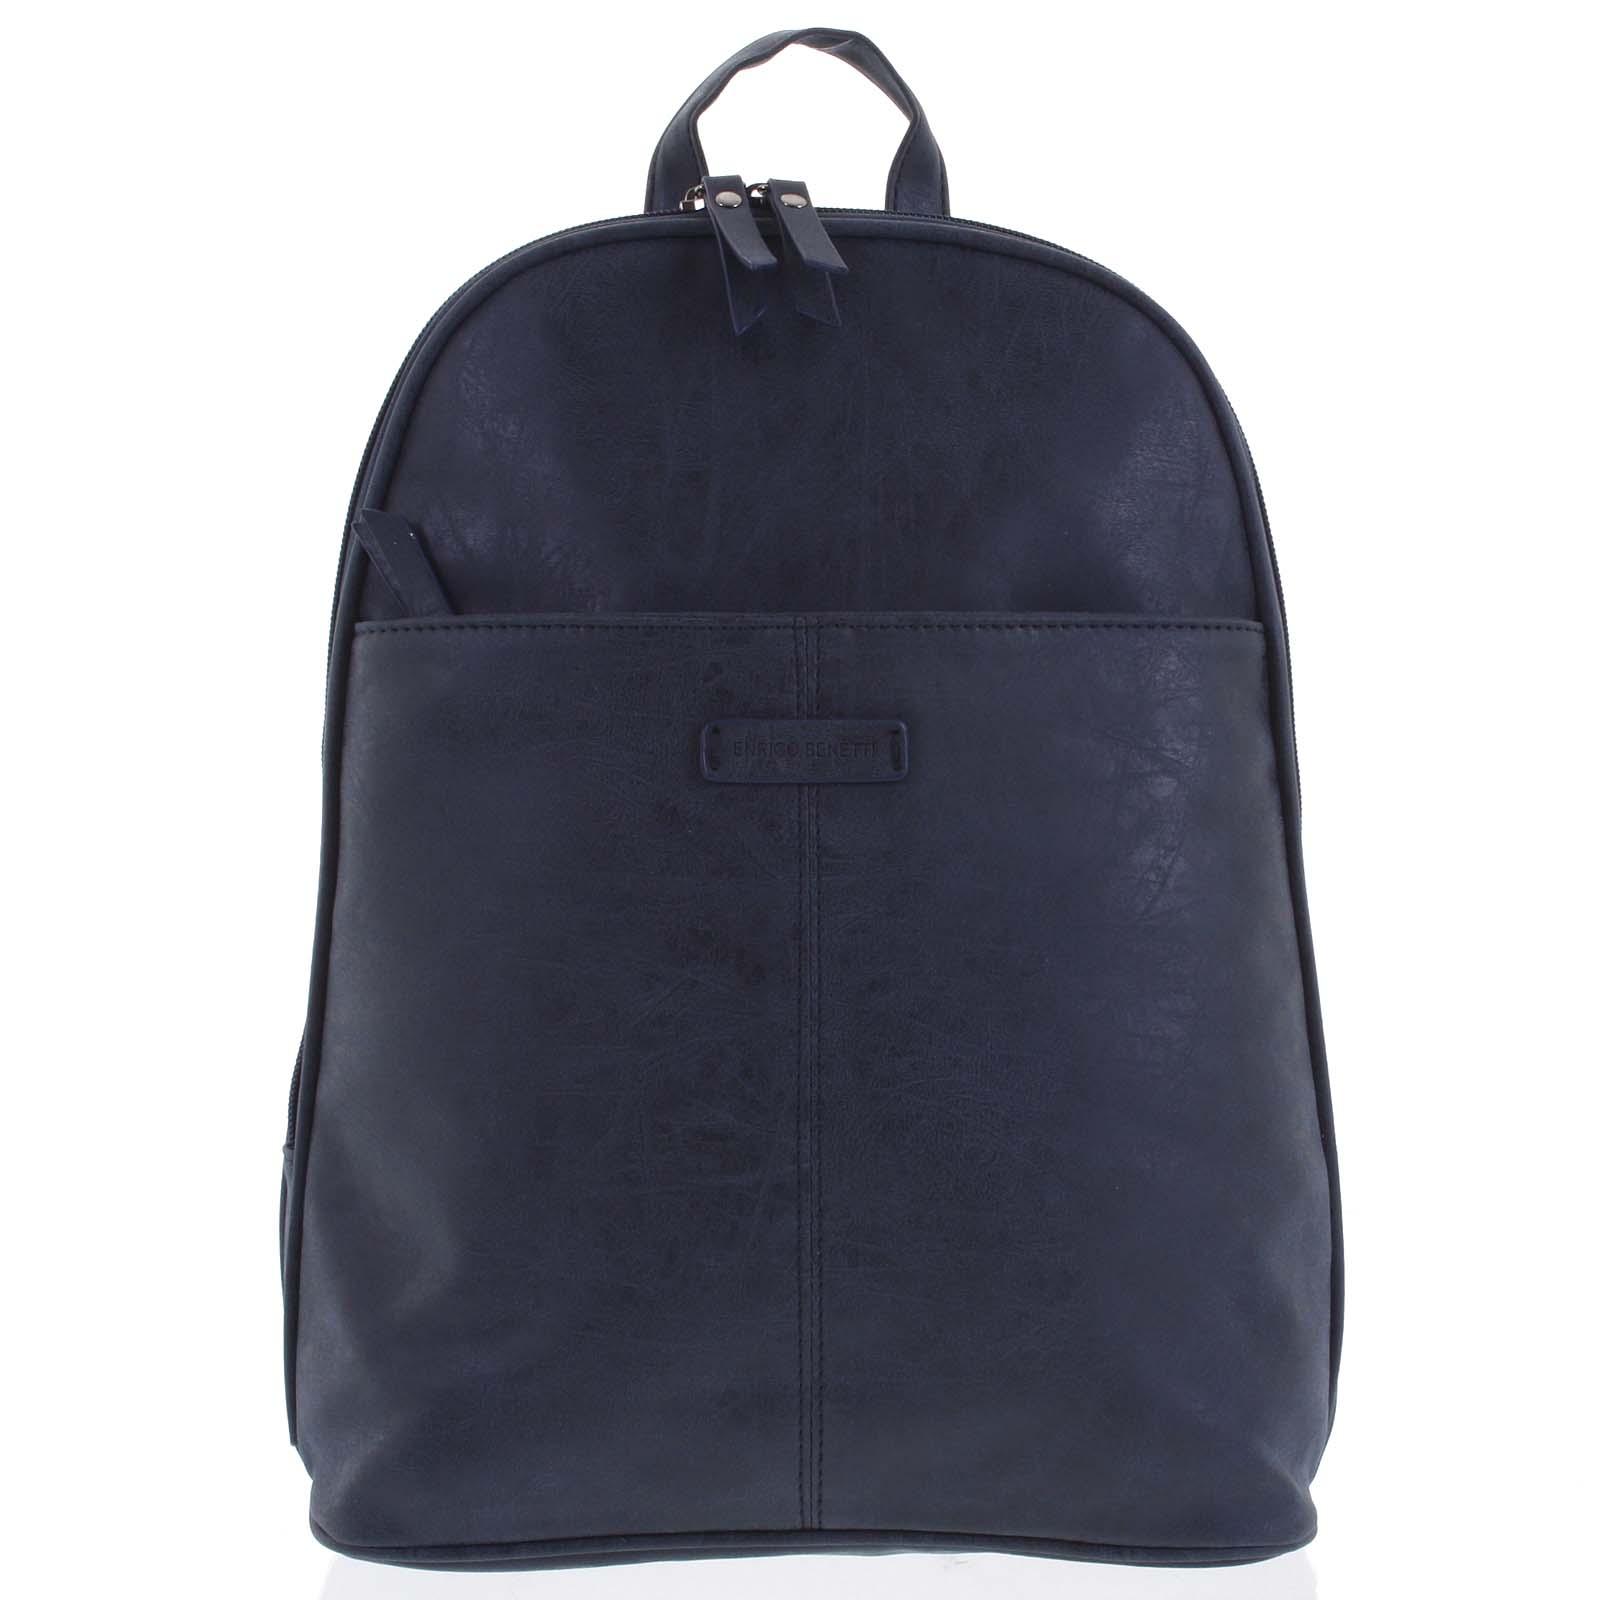 Dámský batoh tmavě modrý - Enrico Benetti Oftime